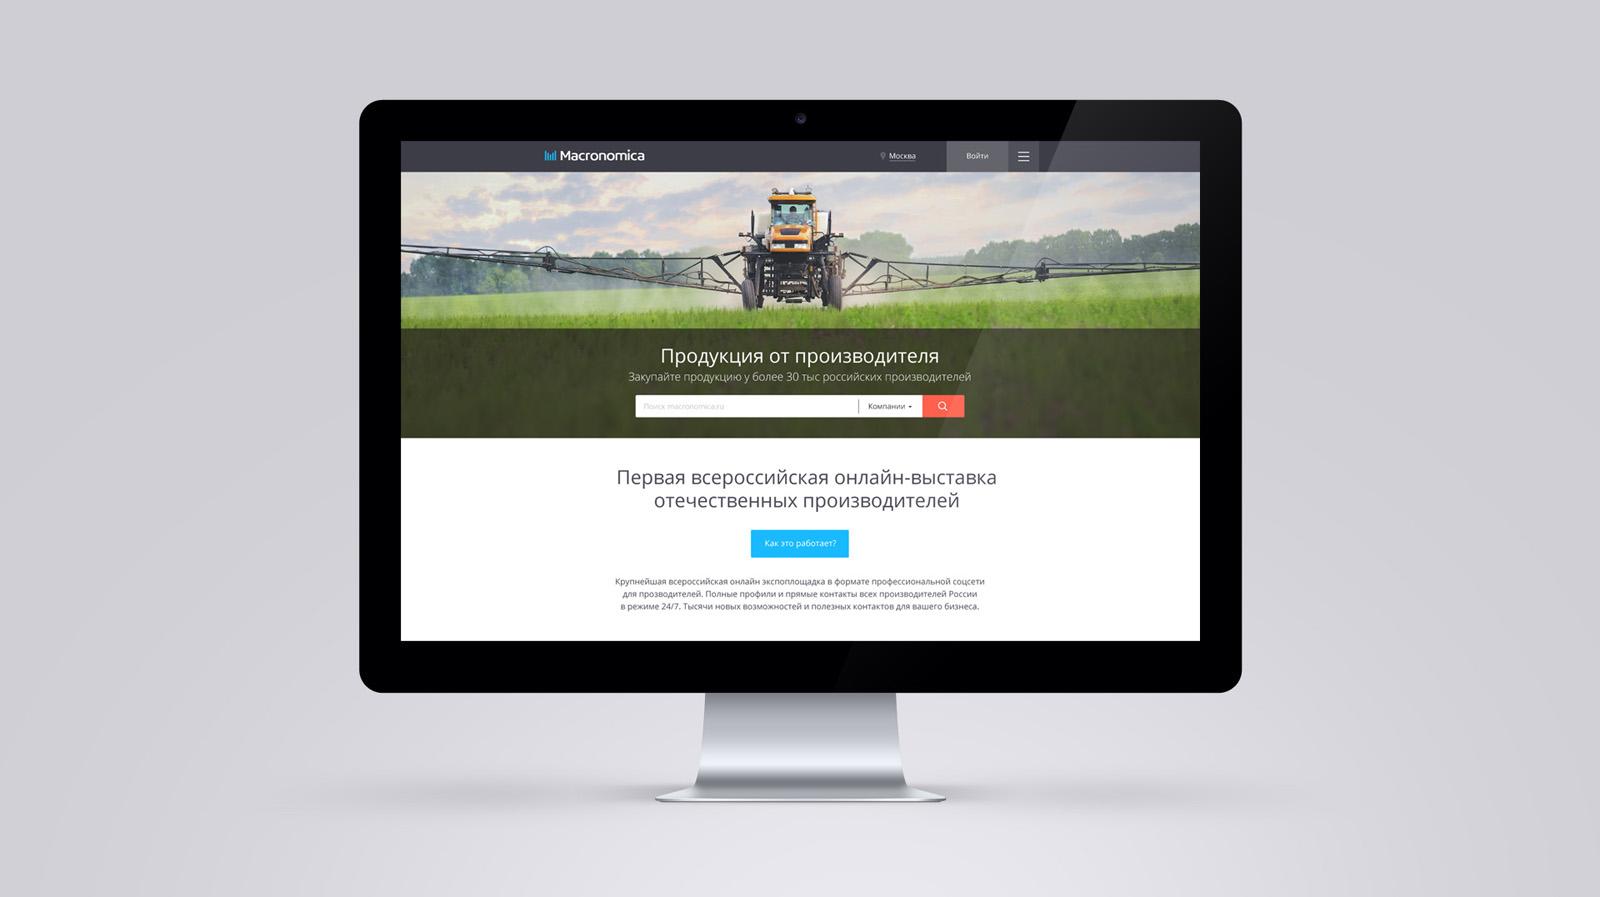 Брендинговое агентство Brandexpert «Остров Свободы» также разработало сайт проекта.